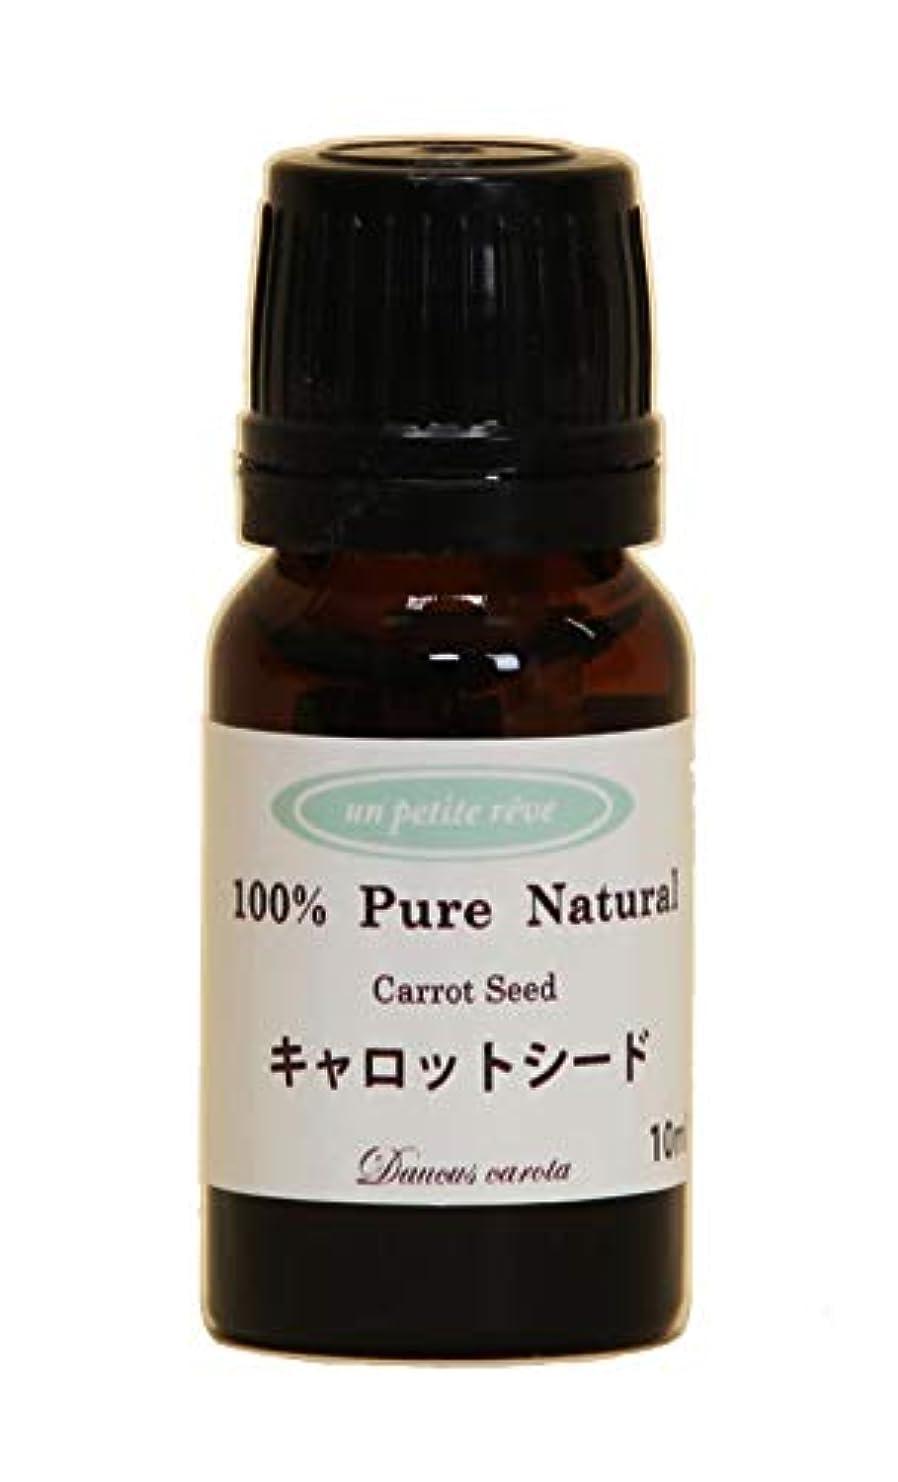 侵略生産性誇張キャロットシード 10ml 100%天然アロマエッセンシャルオイル(精油)